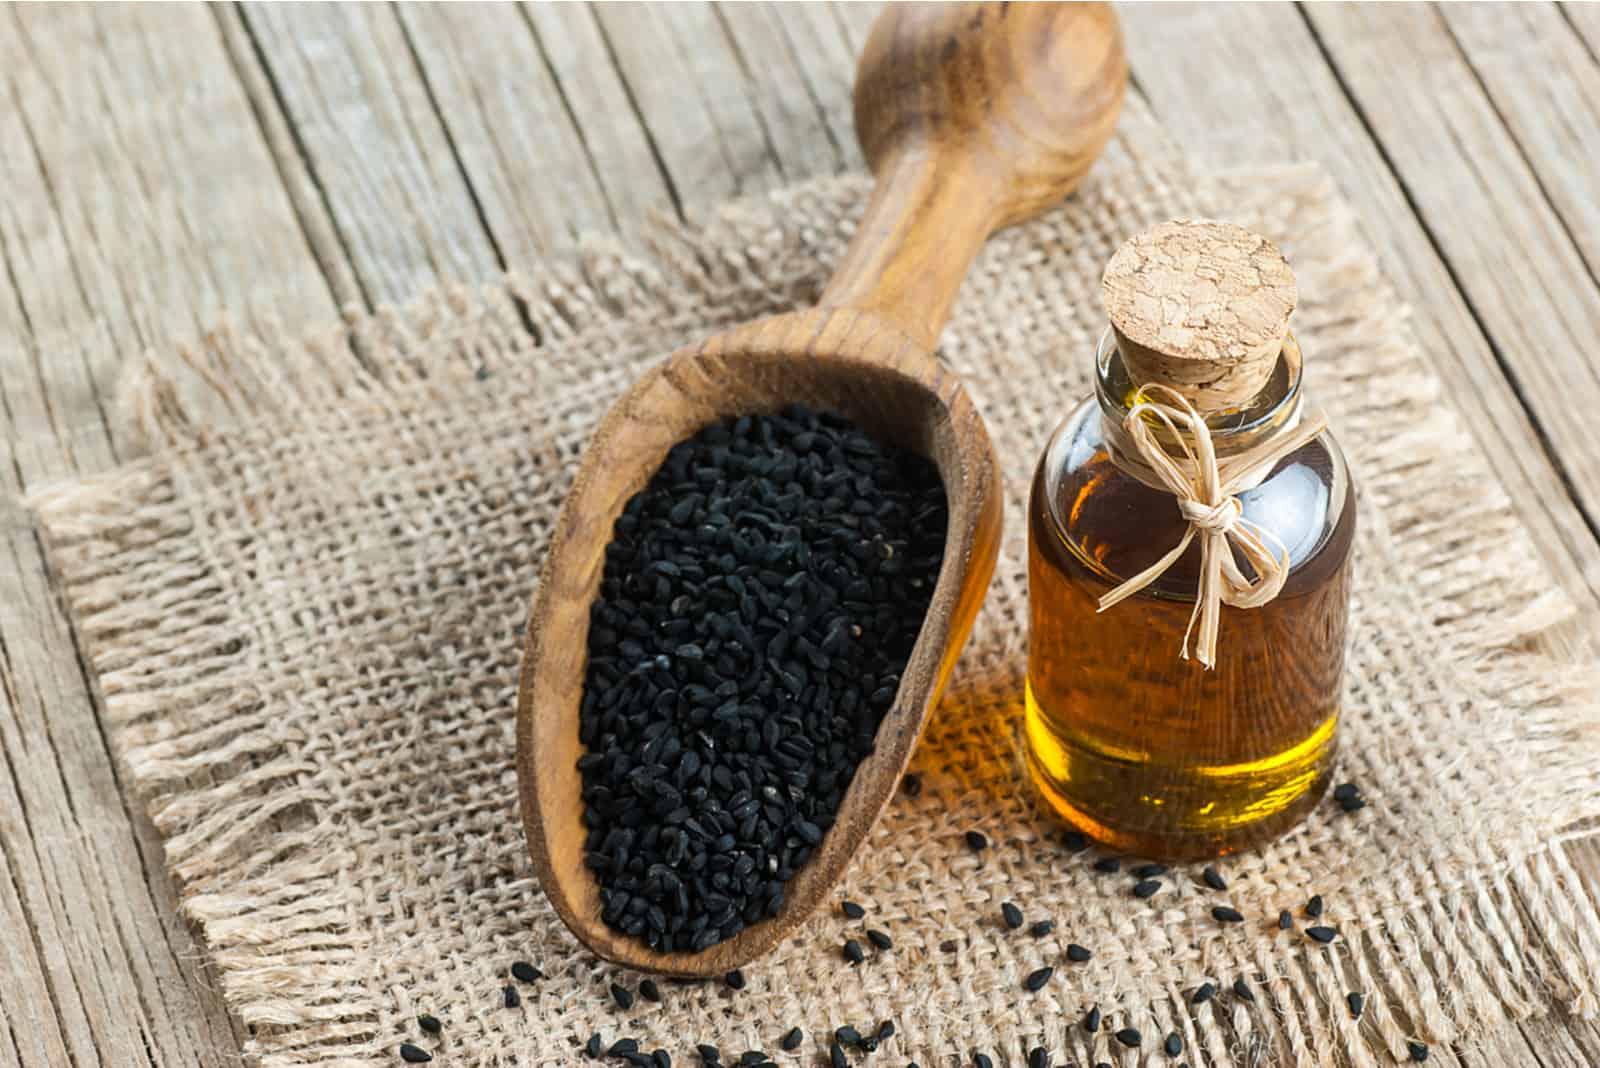 Ätherisches Öl der schwarzen Kreuzkümmel mit Holzlöffel